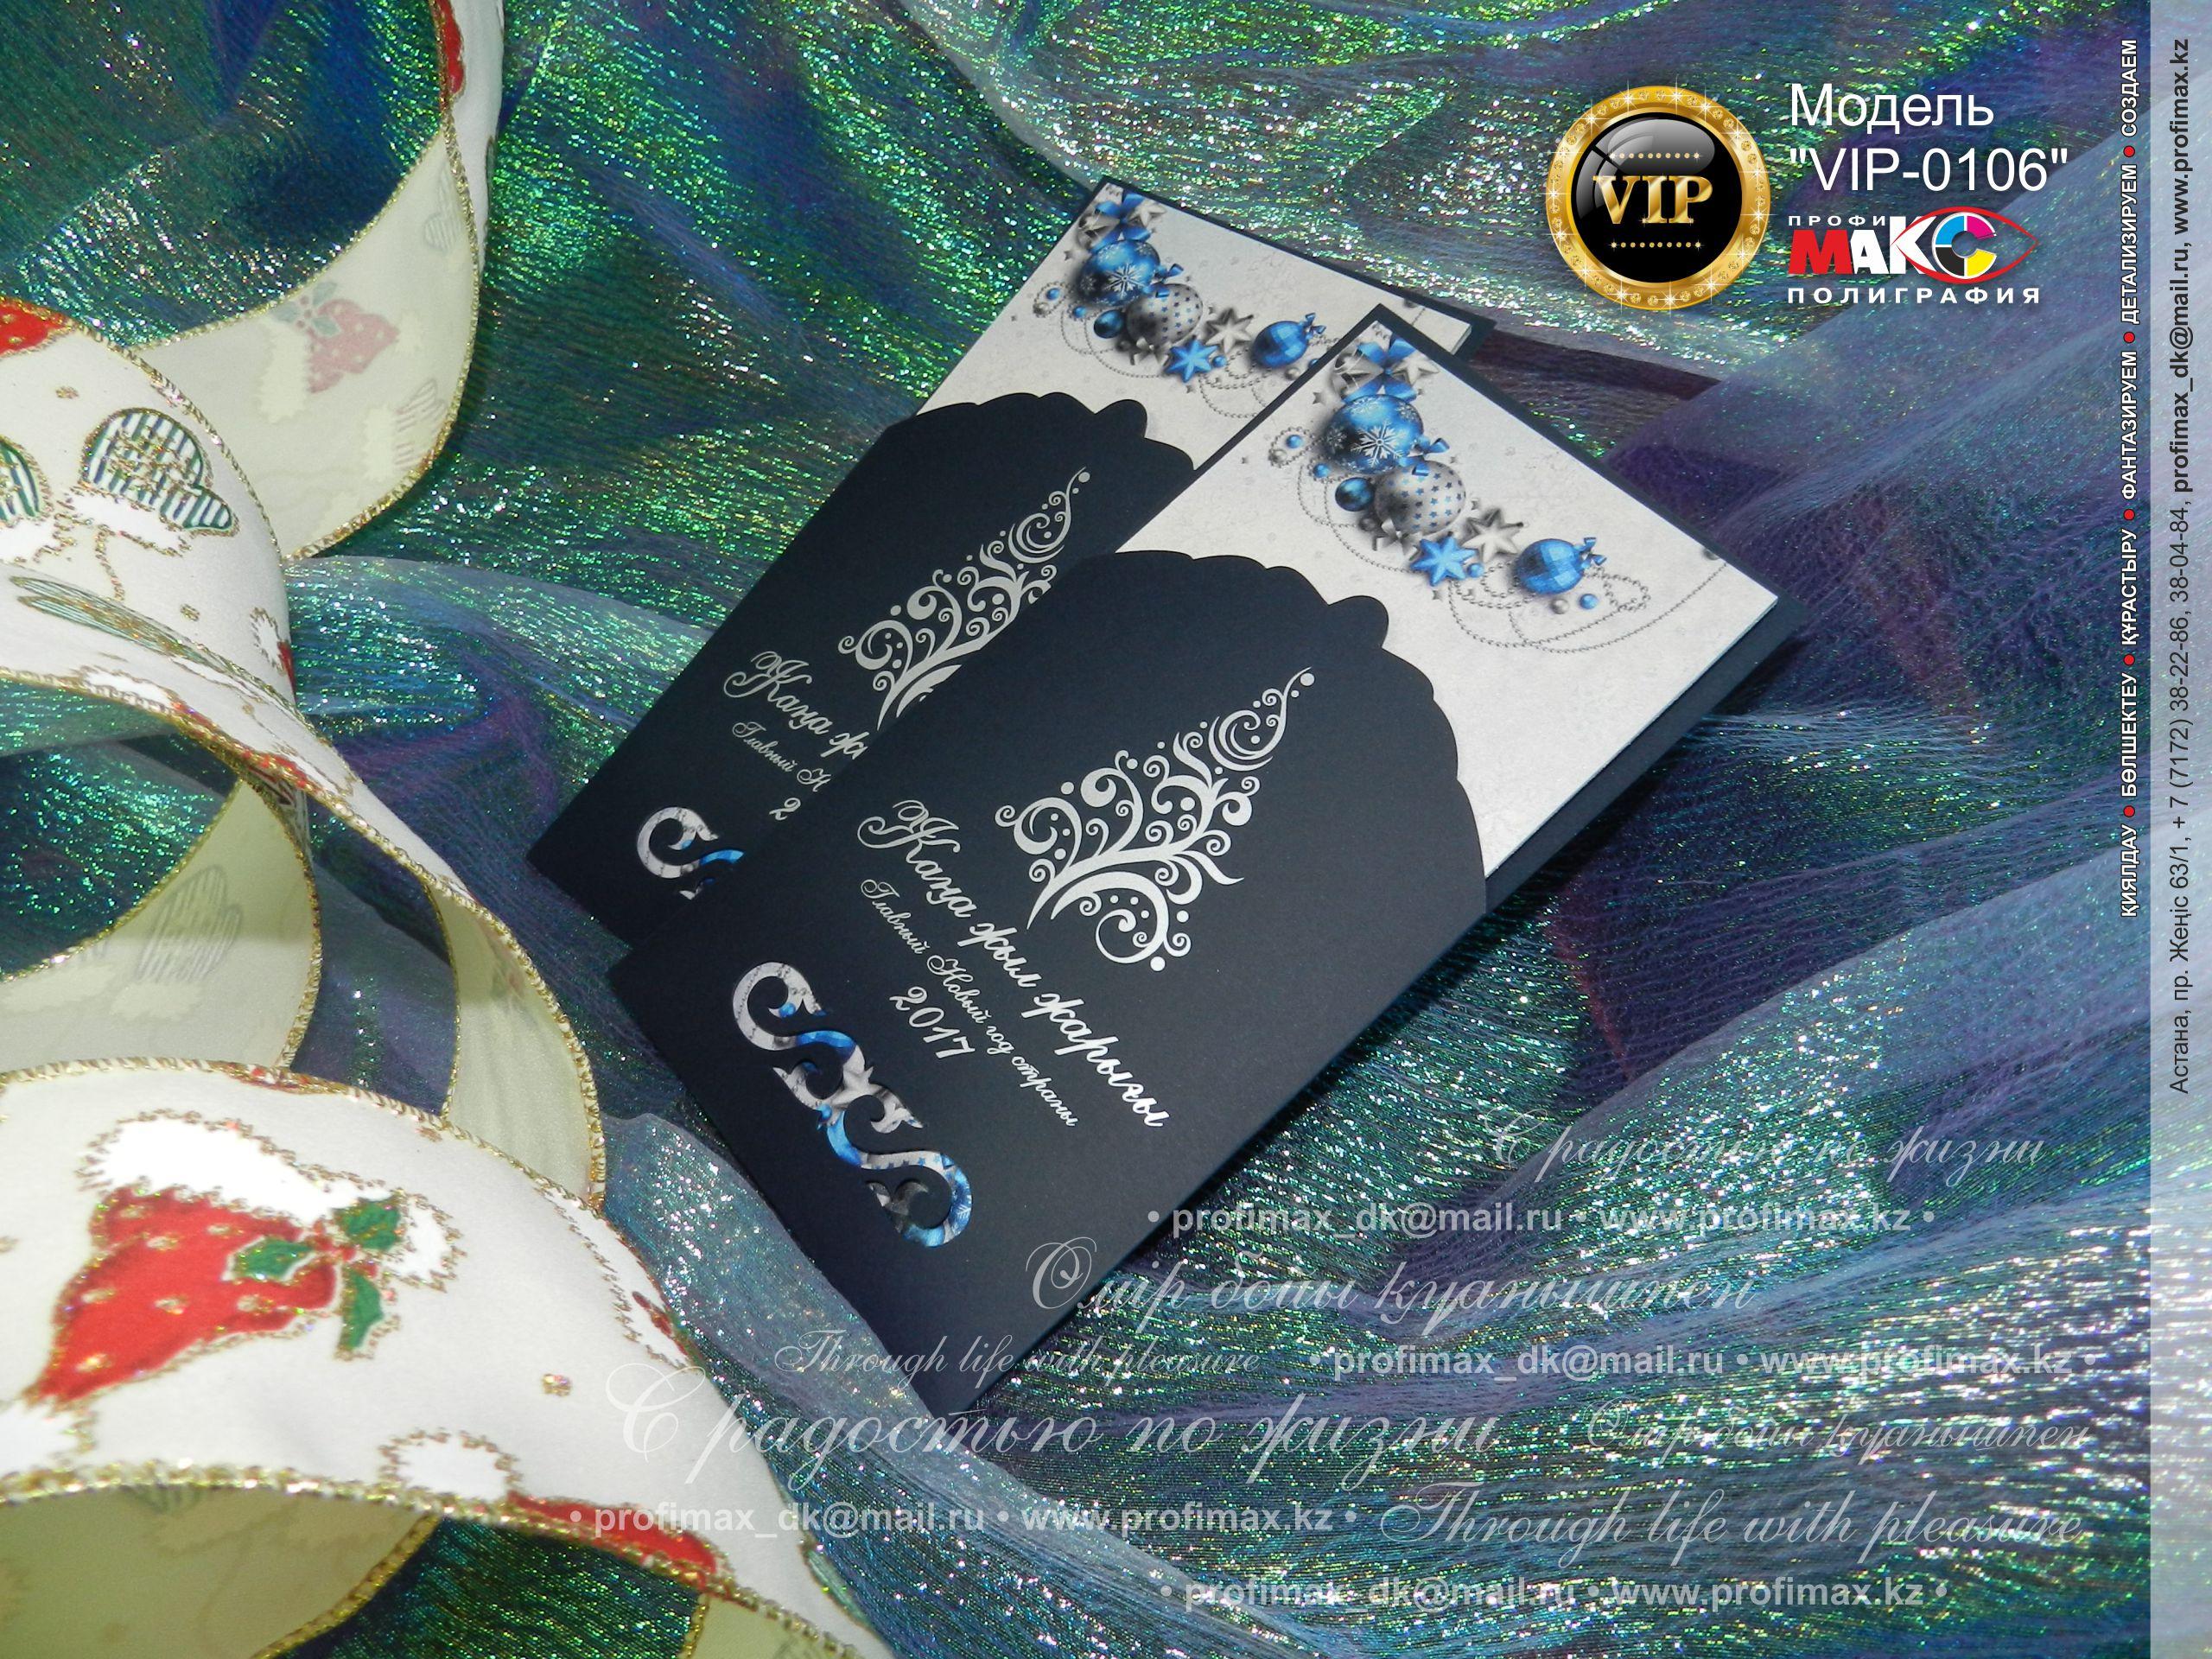 Новогоднее торжество (модель VIP 0106)